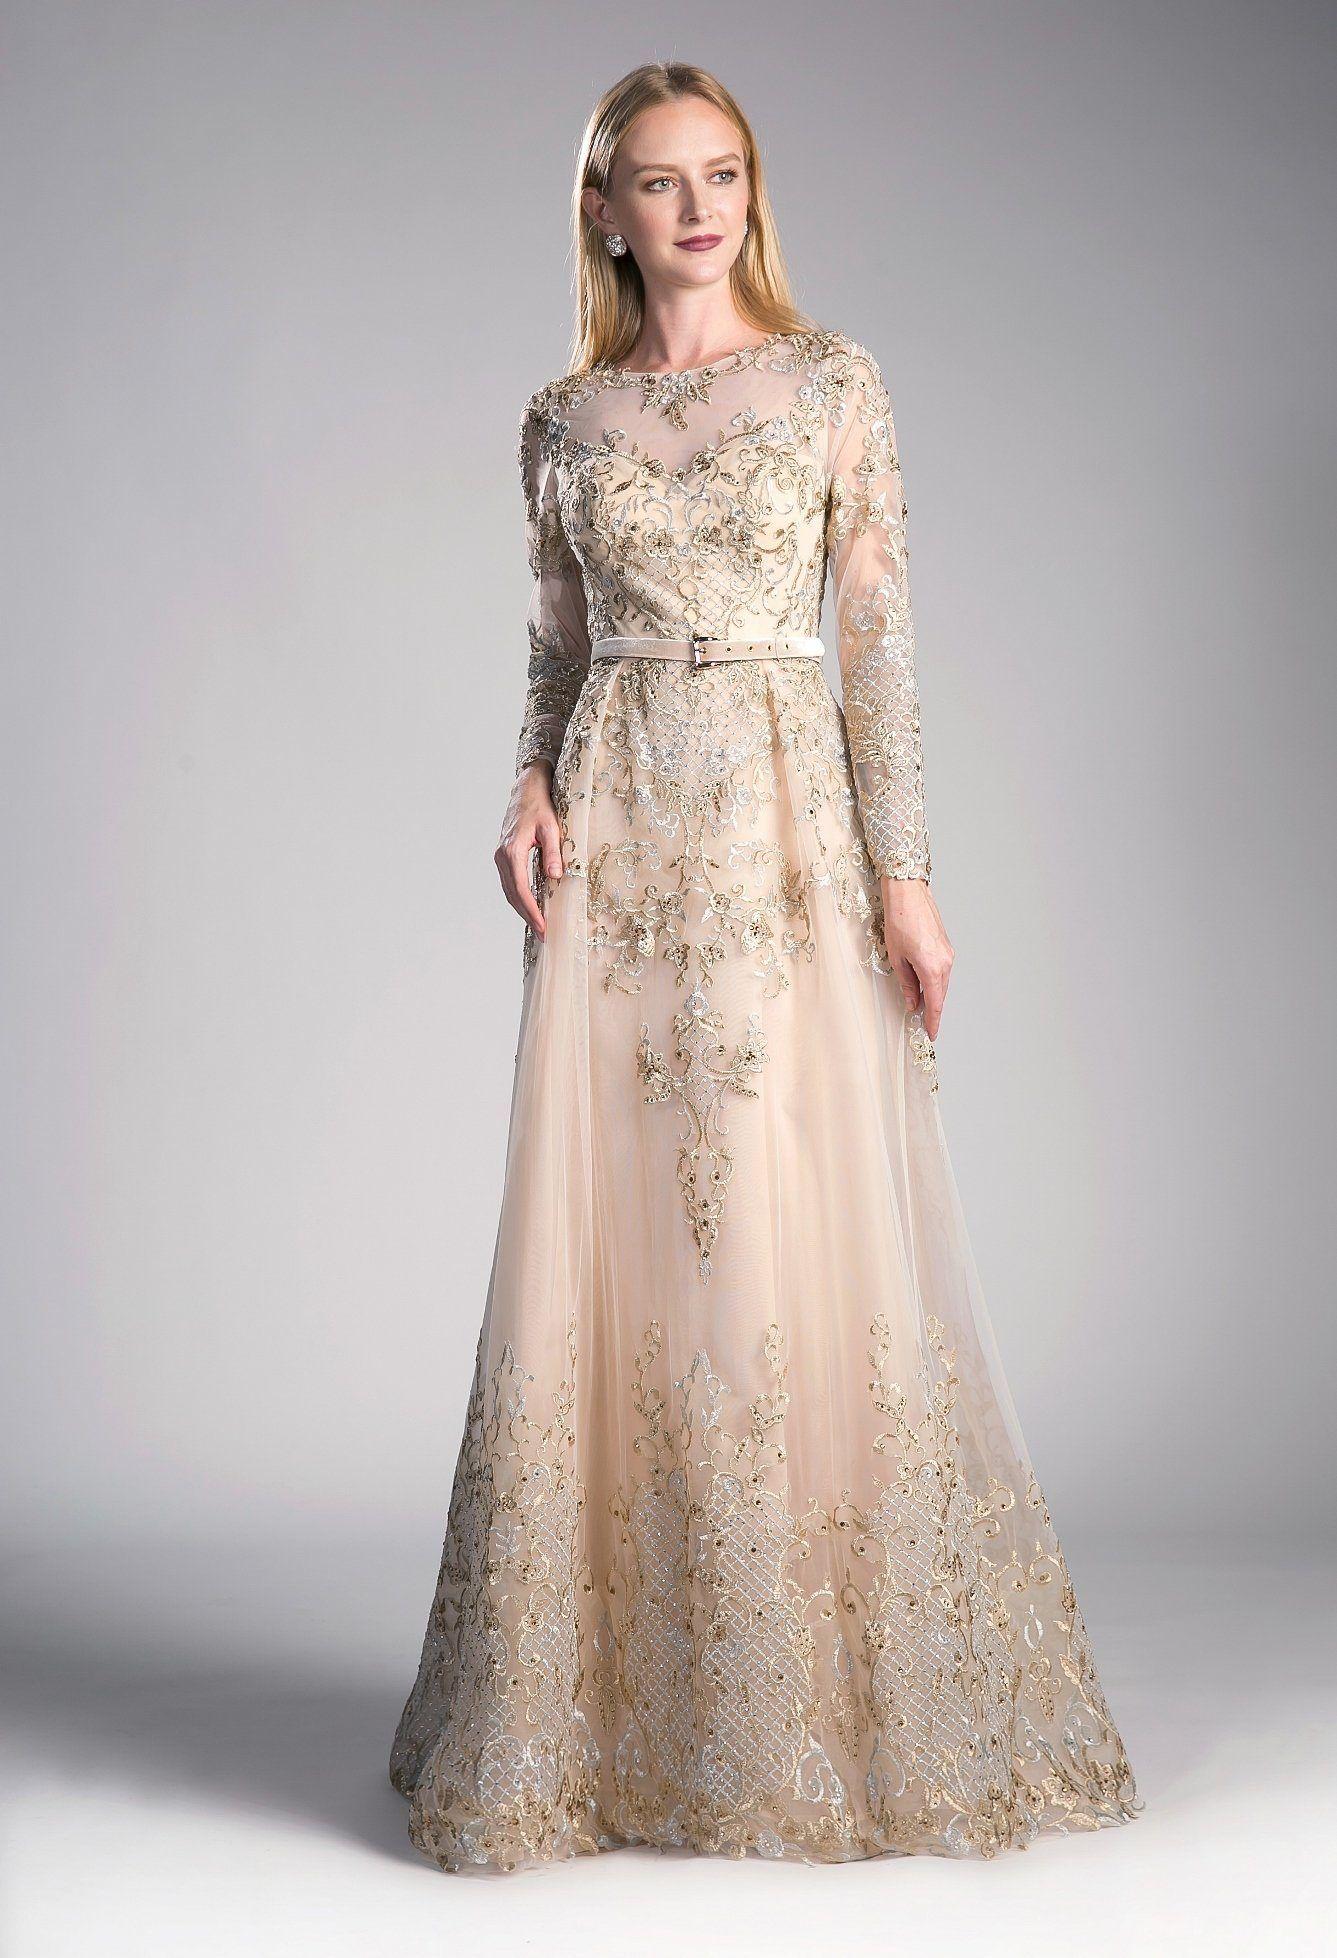 Applique Long Sleeve Gown By Cinderella Divine 7196 In 2021 Modest Evening Dress Cinderella Divine Empire Waist Gown [ 1958 x 1337 Pixel ]